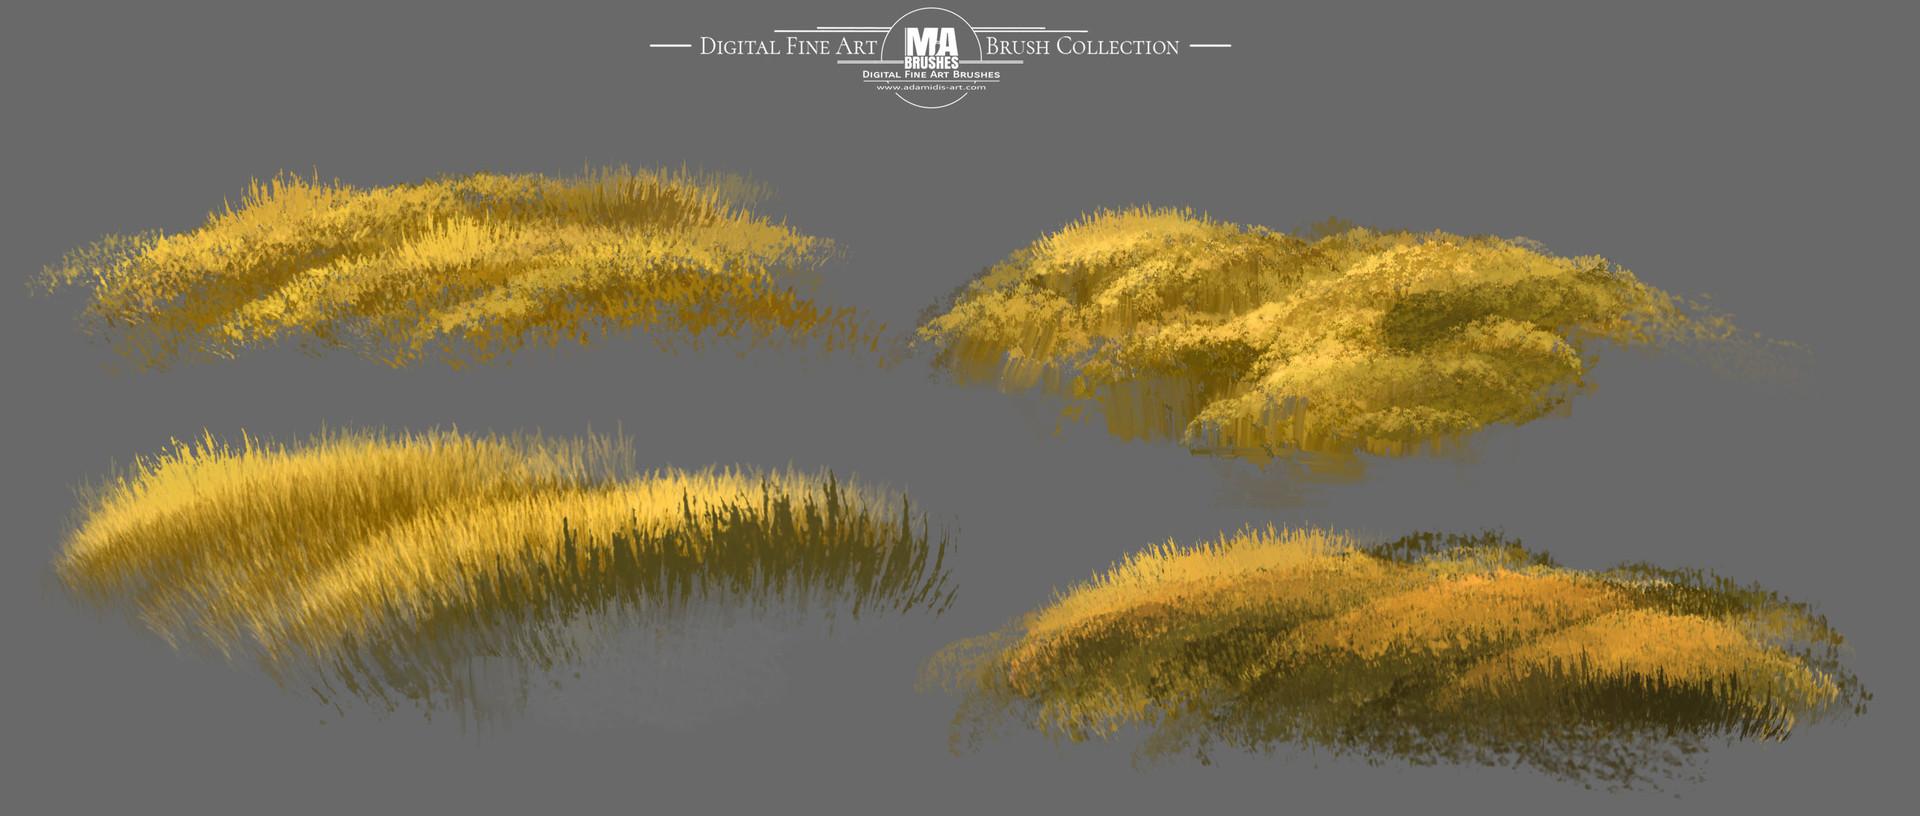 ArtStation - MA-Brushes Realistic Photoshop Brushes - Grass